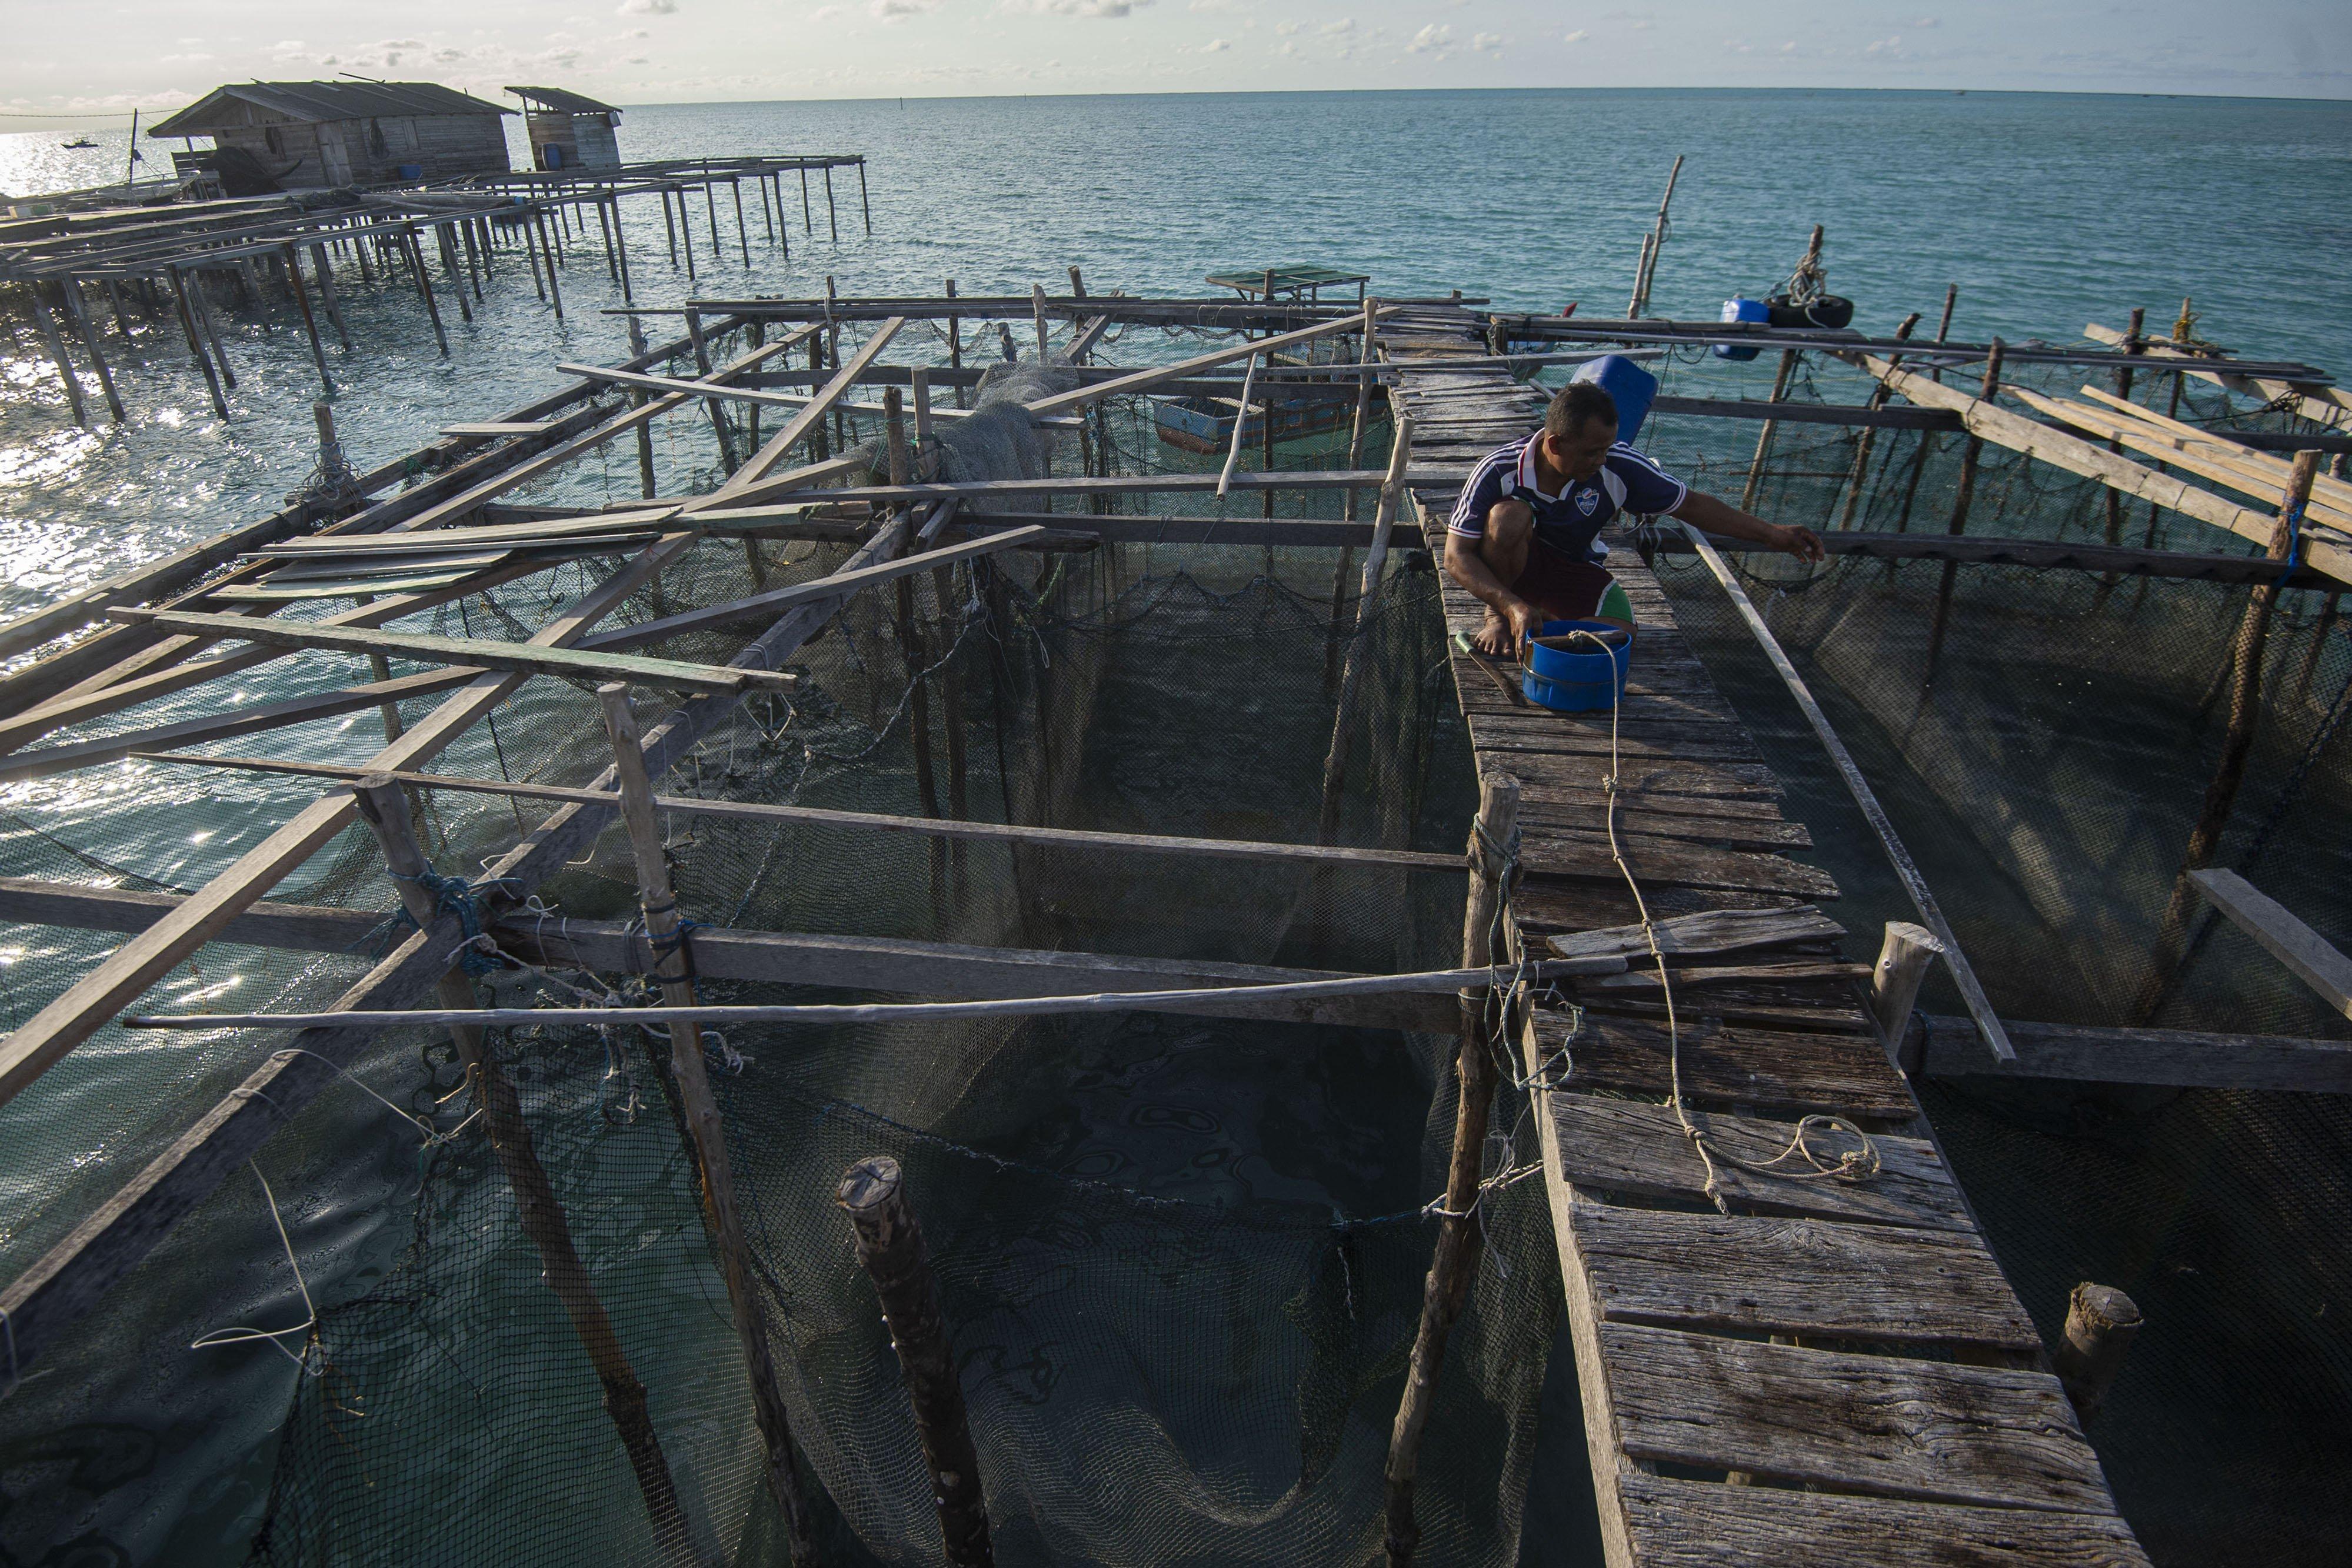 Warga memberi makan ikan kerapu di keramba miliknya di perairan dekat Pulau Laut, Kabupaten Natuna, Kepulauan Riau.\r\n